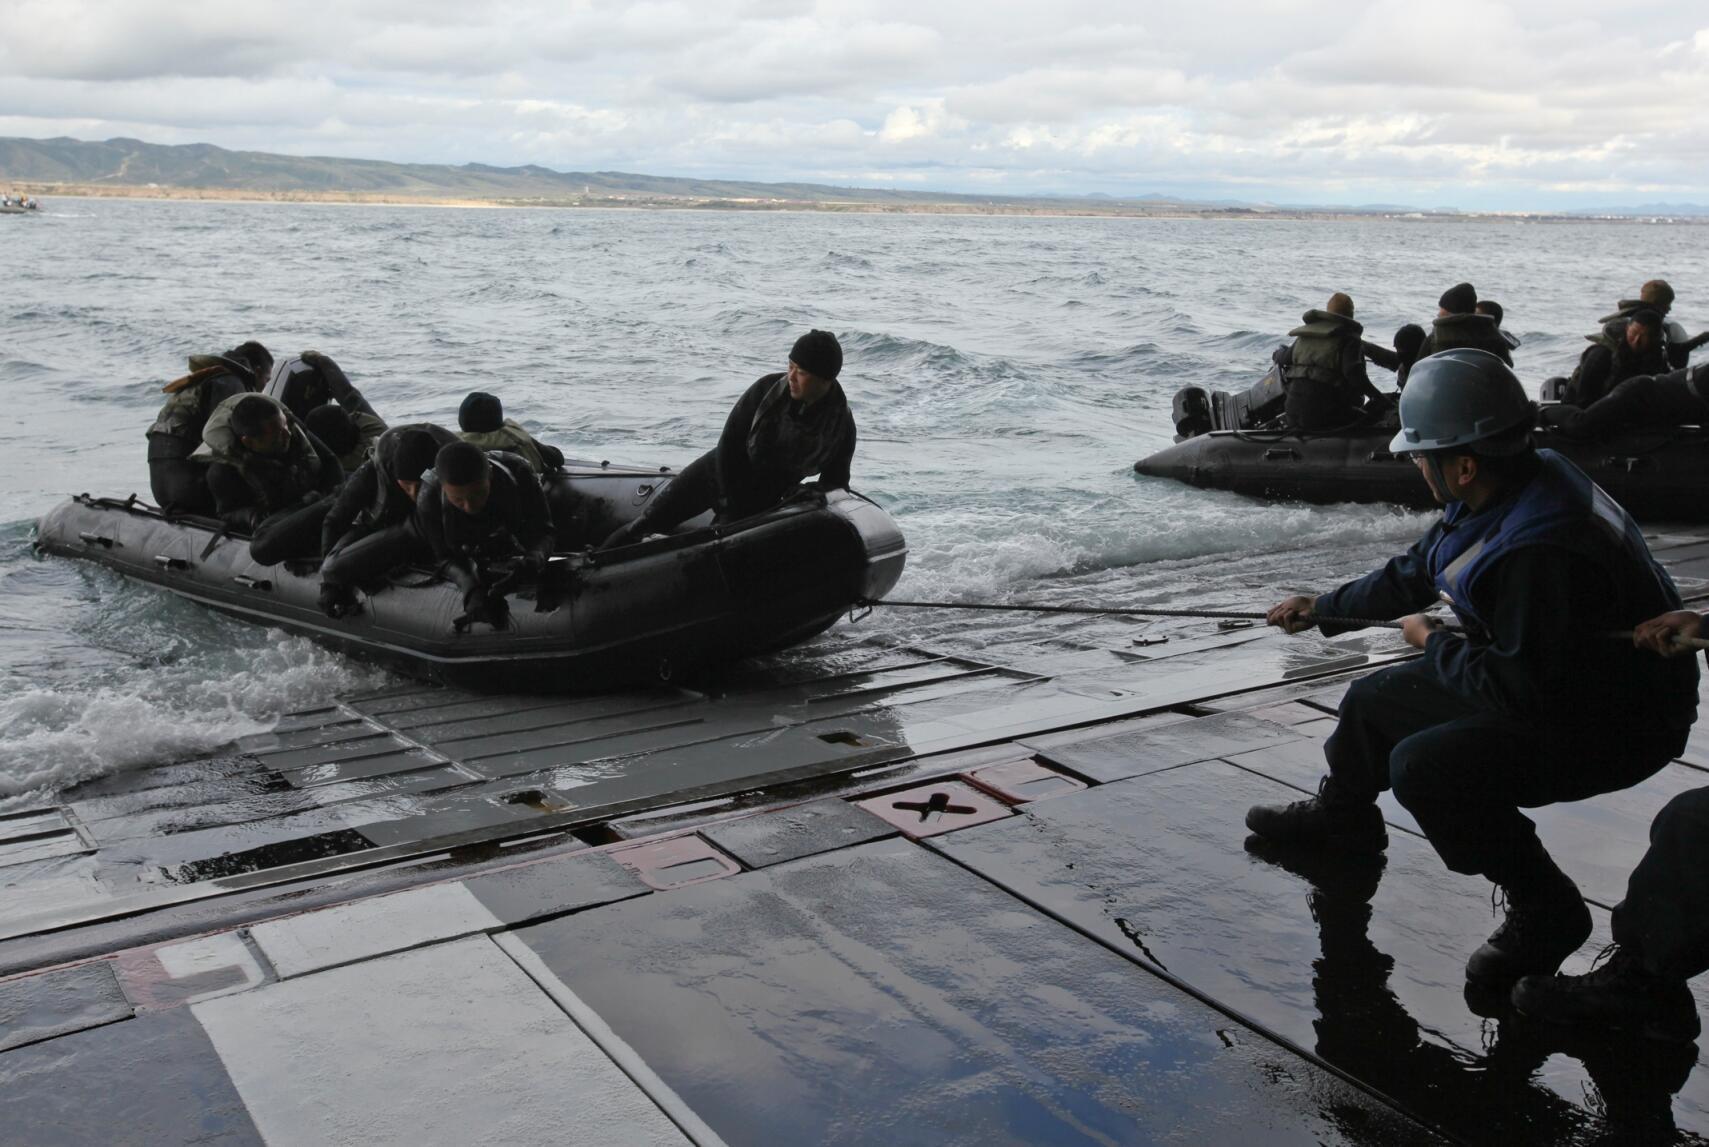 Đơn vị thủy quân lục chiến viễn chinh thứ 31 của Mỹ và quân đội Nhật Bản tập trận, 25/02/2011 ( www.marines.mil)